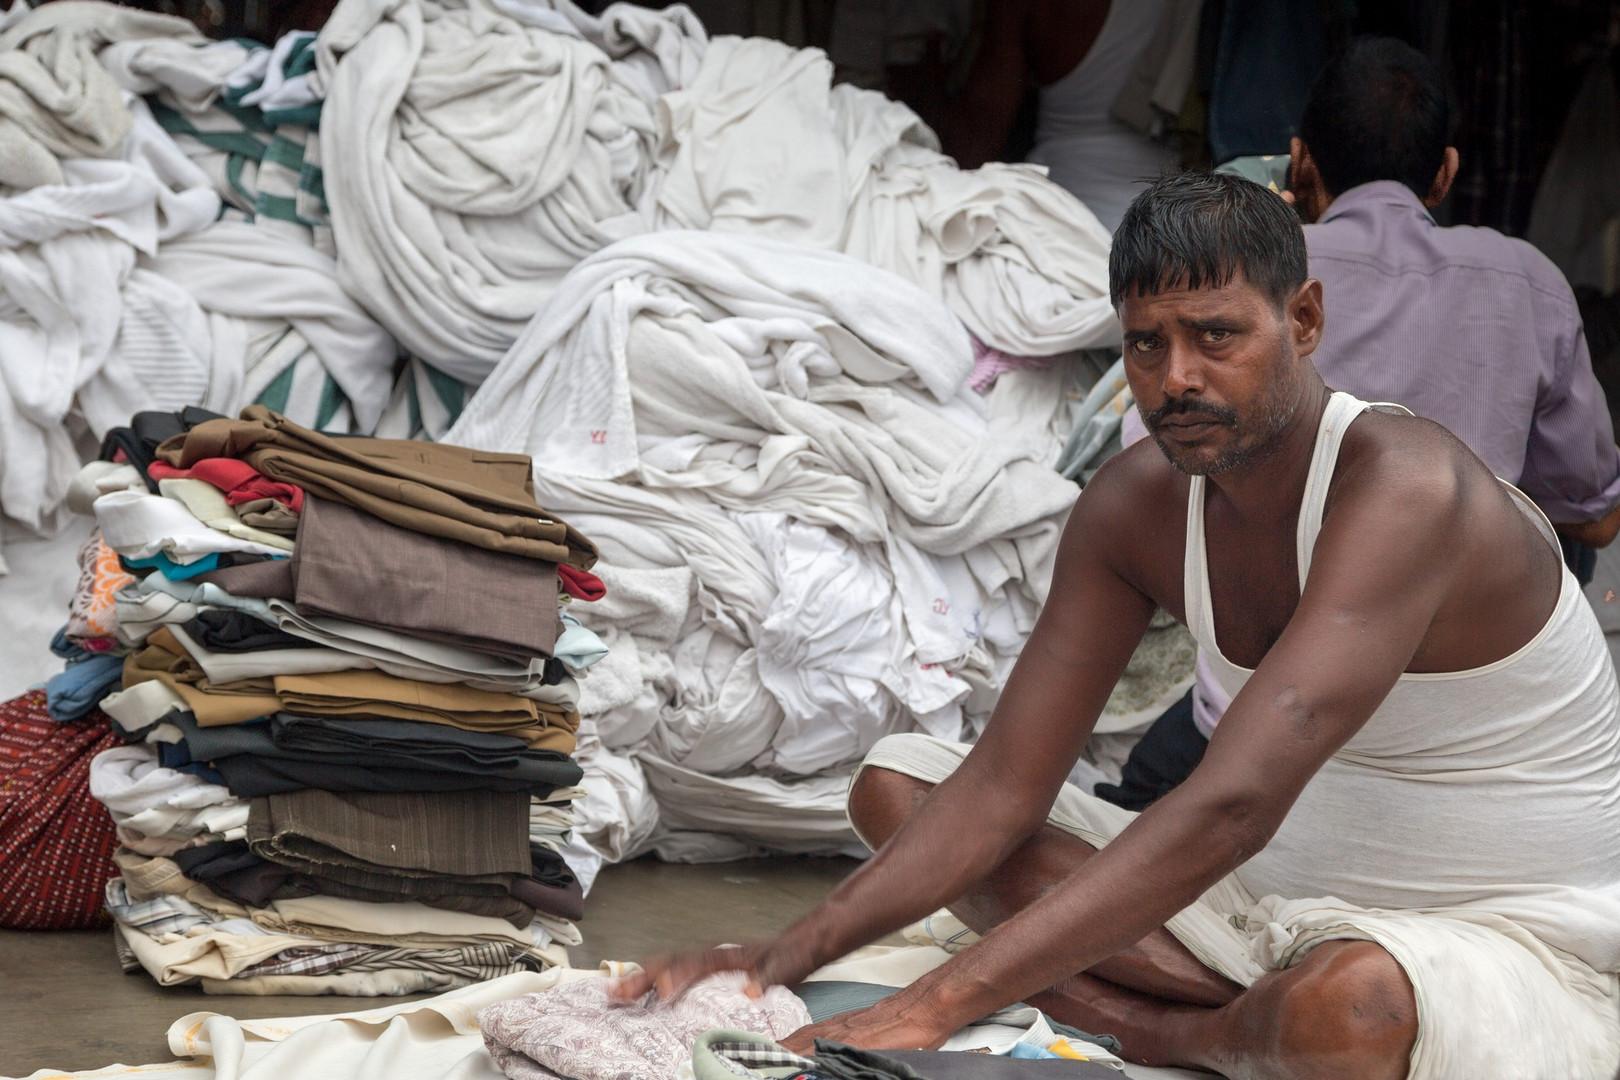 Plieur de linge dans une laverie de Bombay